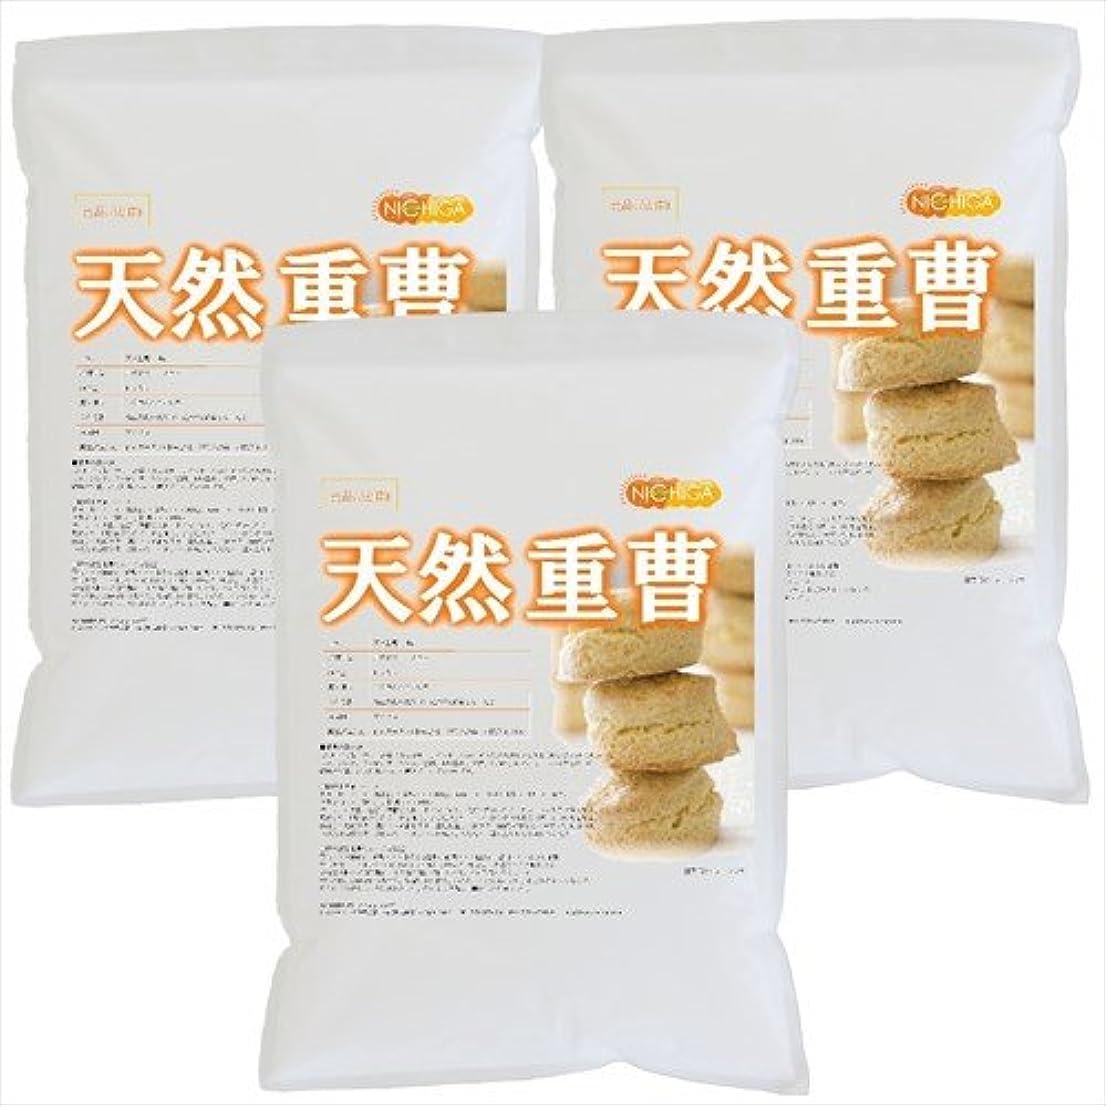 味付け絶望四分円天然 重曹 5kg×3袋 [02] 炭酸水素ナトリウム 食品添加物(食品用)NICHIGA(ニチガ)